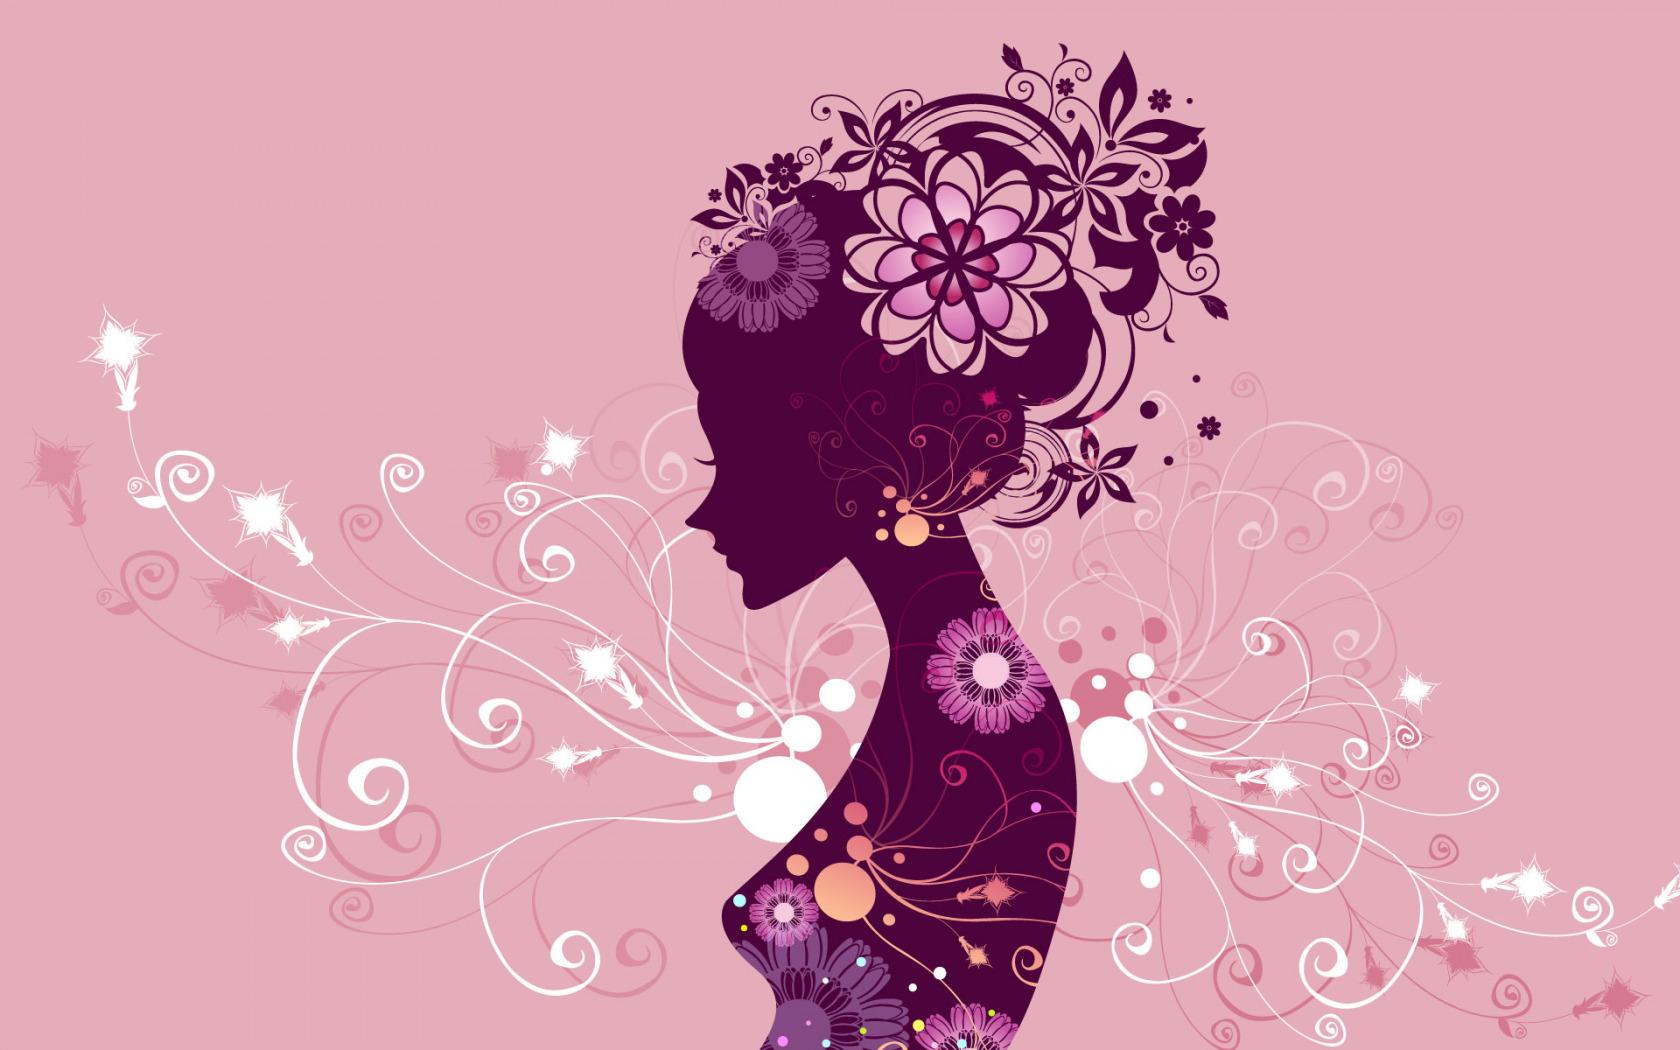 Силуэт девушки для открытки с днем рождения, балериной